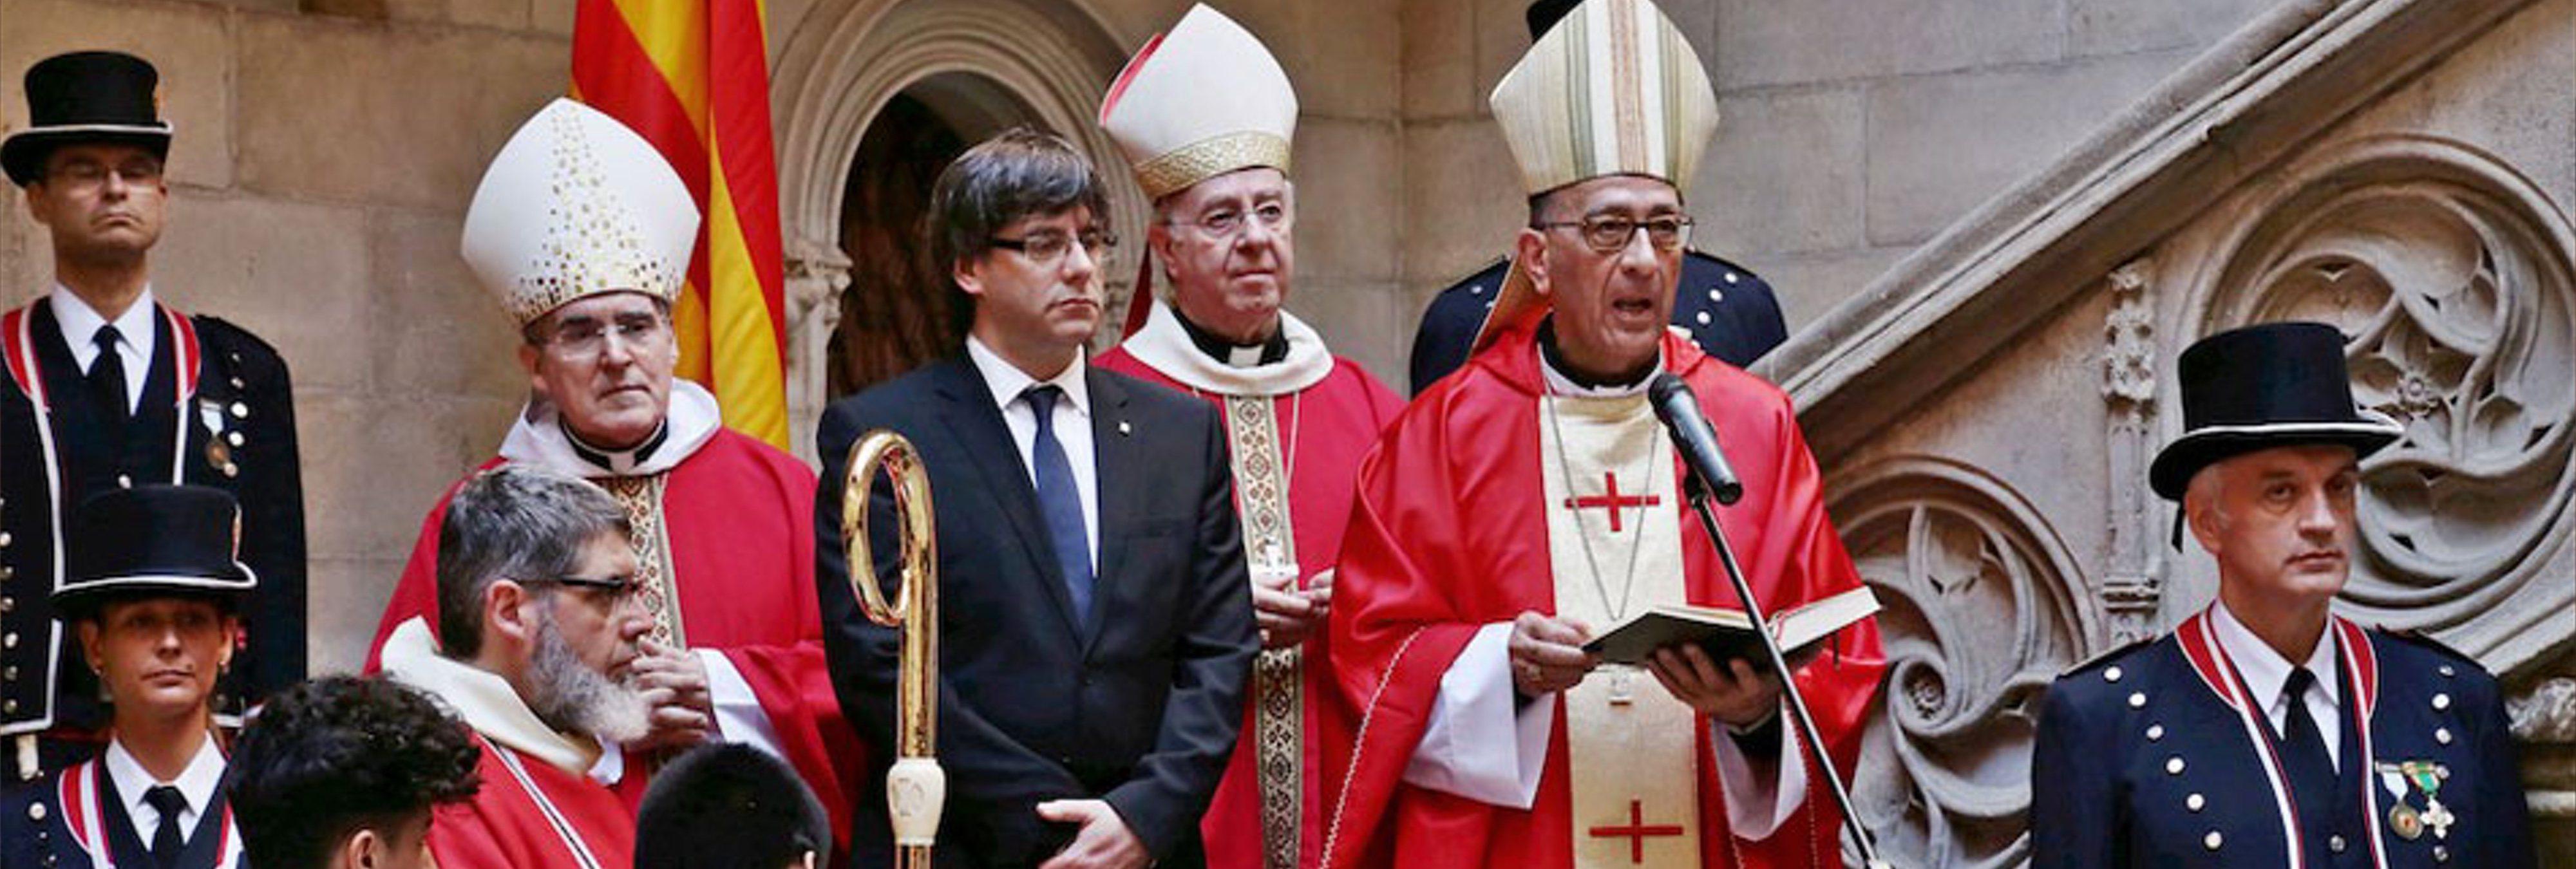 """Una iglesia catalana compara Puigdemont con Moisés: """"Dios le llama para liberar su pueblo"""""""